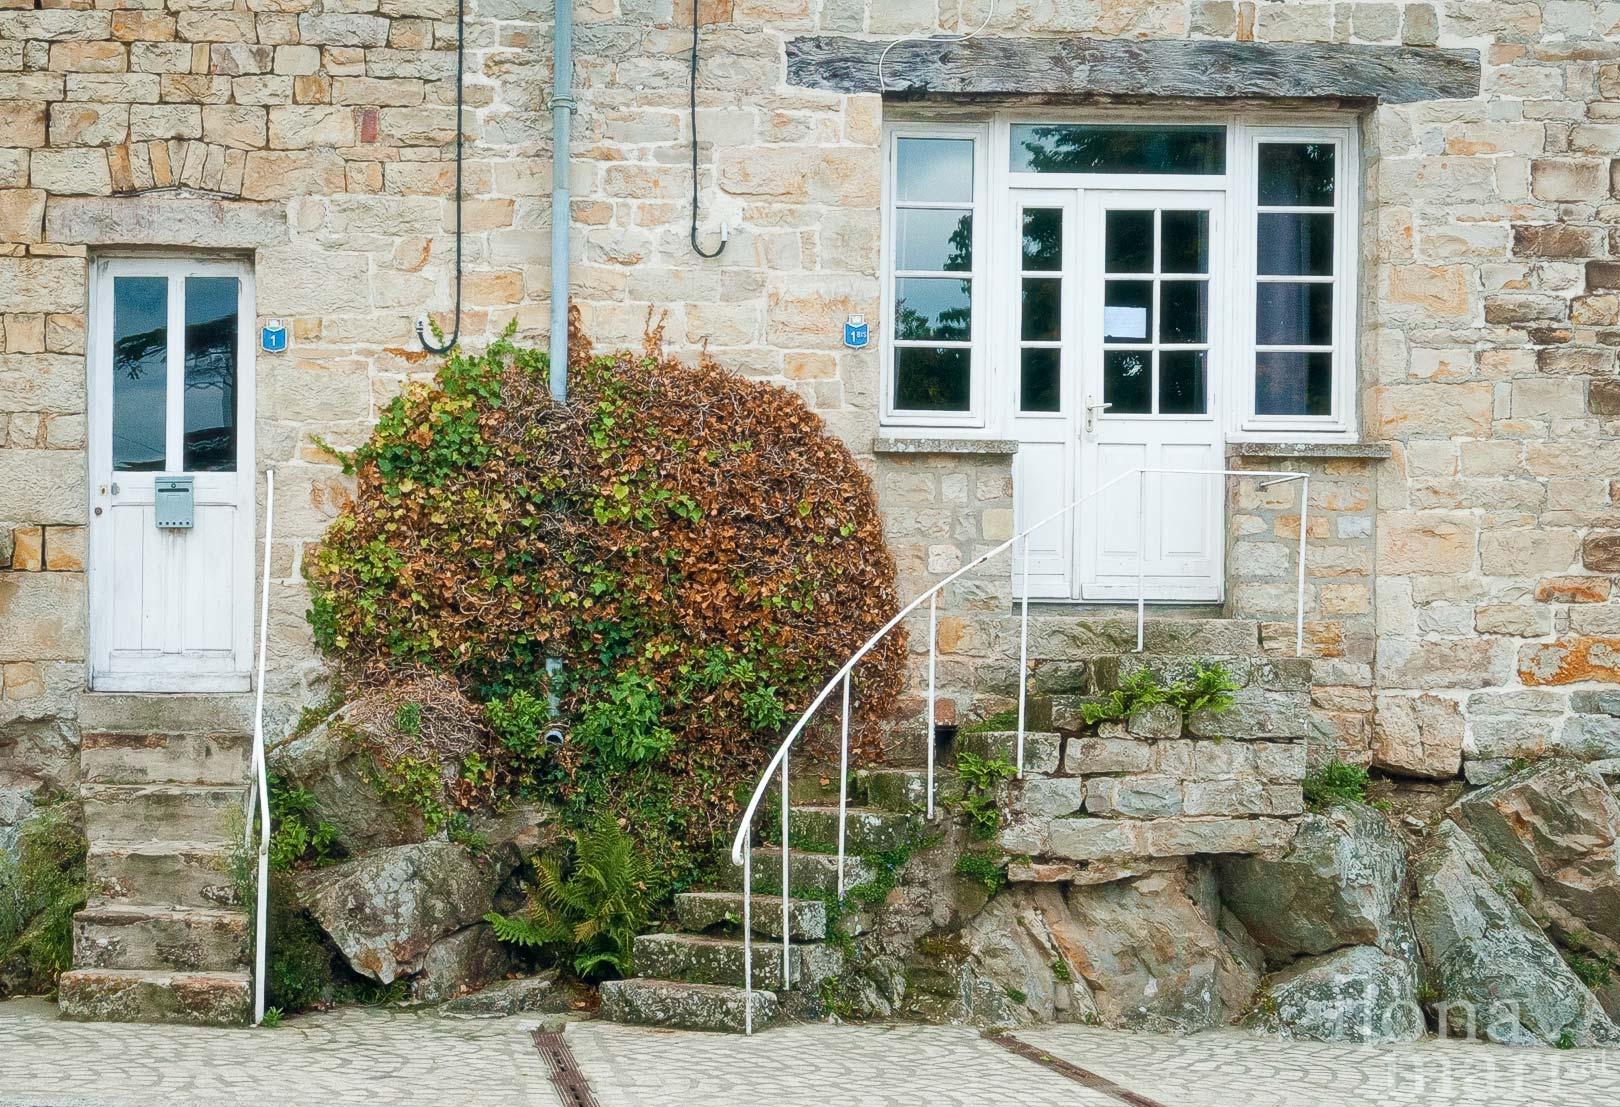 Steile Steintreppen führen zu den Eingängen der historischen Häuser von Domfront (Normandie)